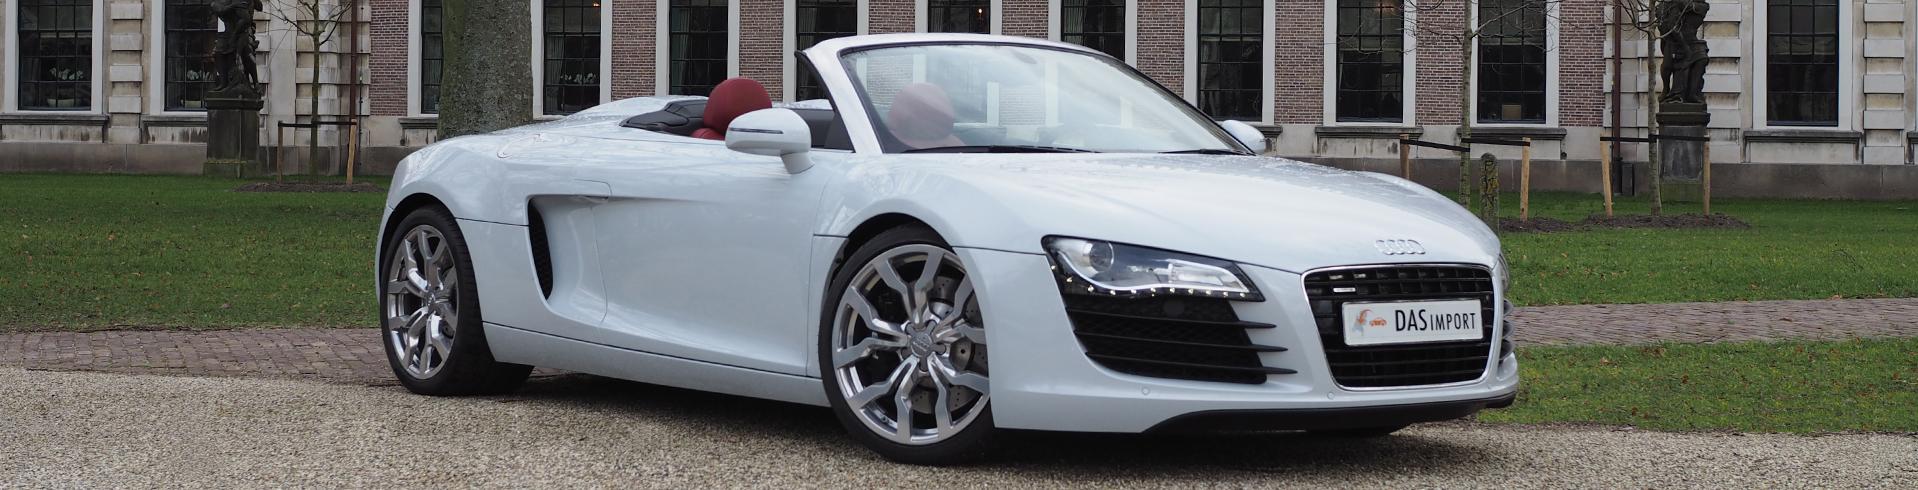 Audi-R8-spyder-uit-Duitsland-importeren